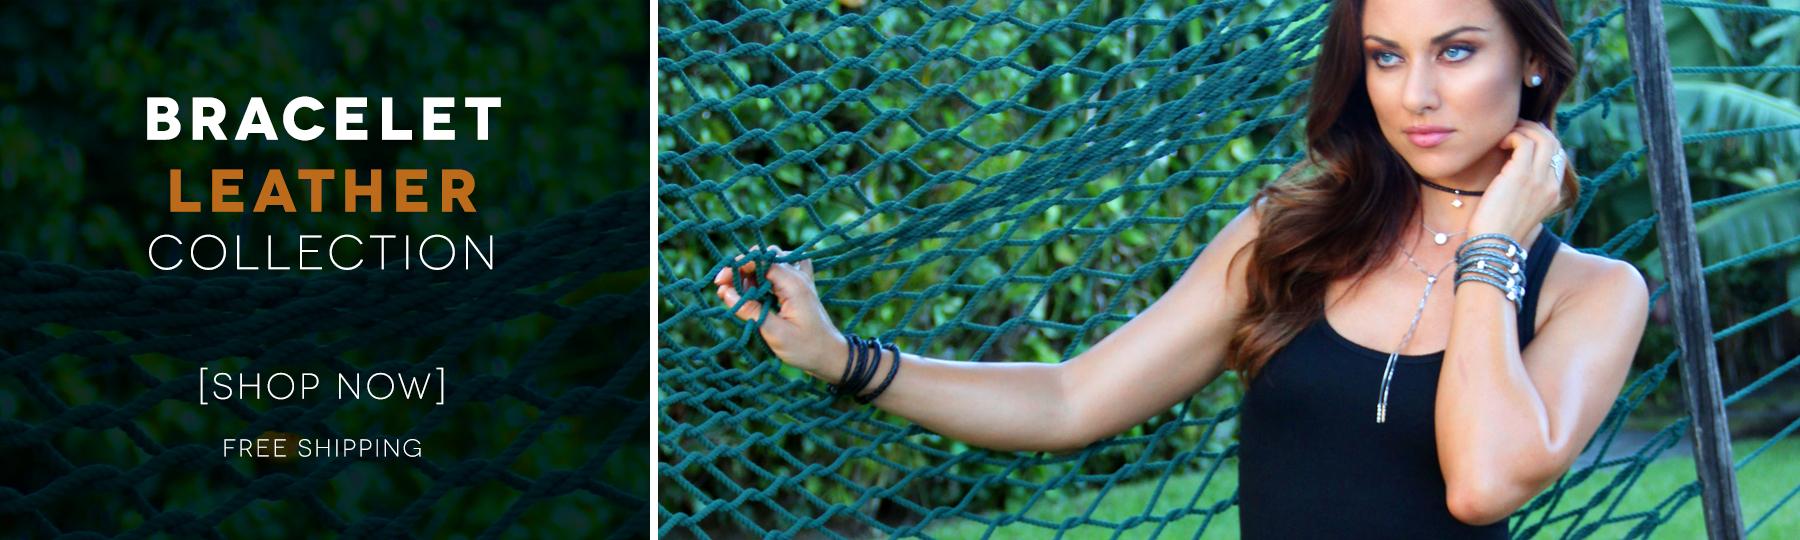 banner-women-leather-bracelets-mh11-10-16.jpg